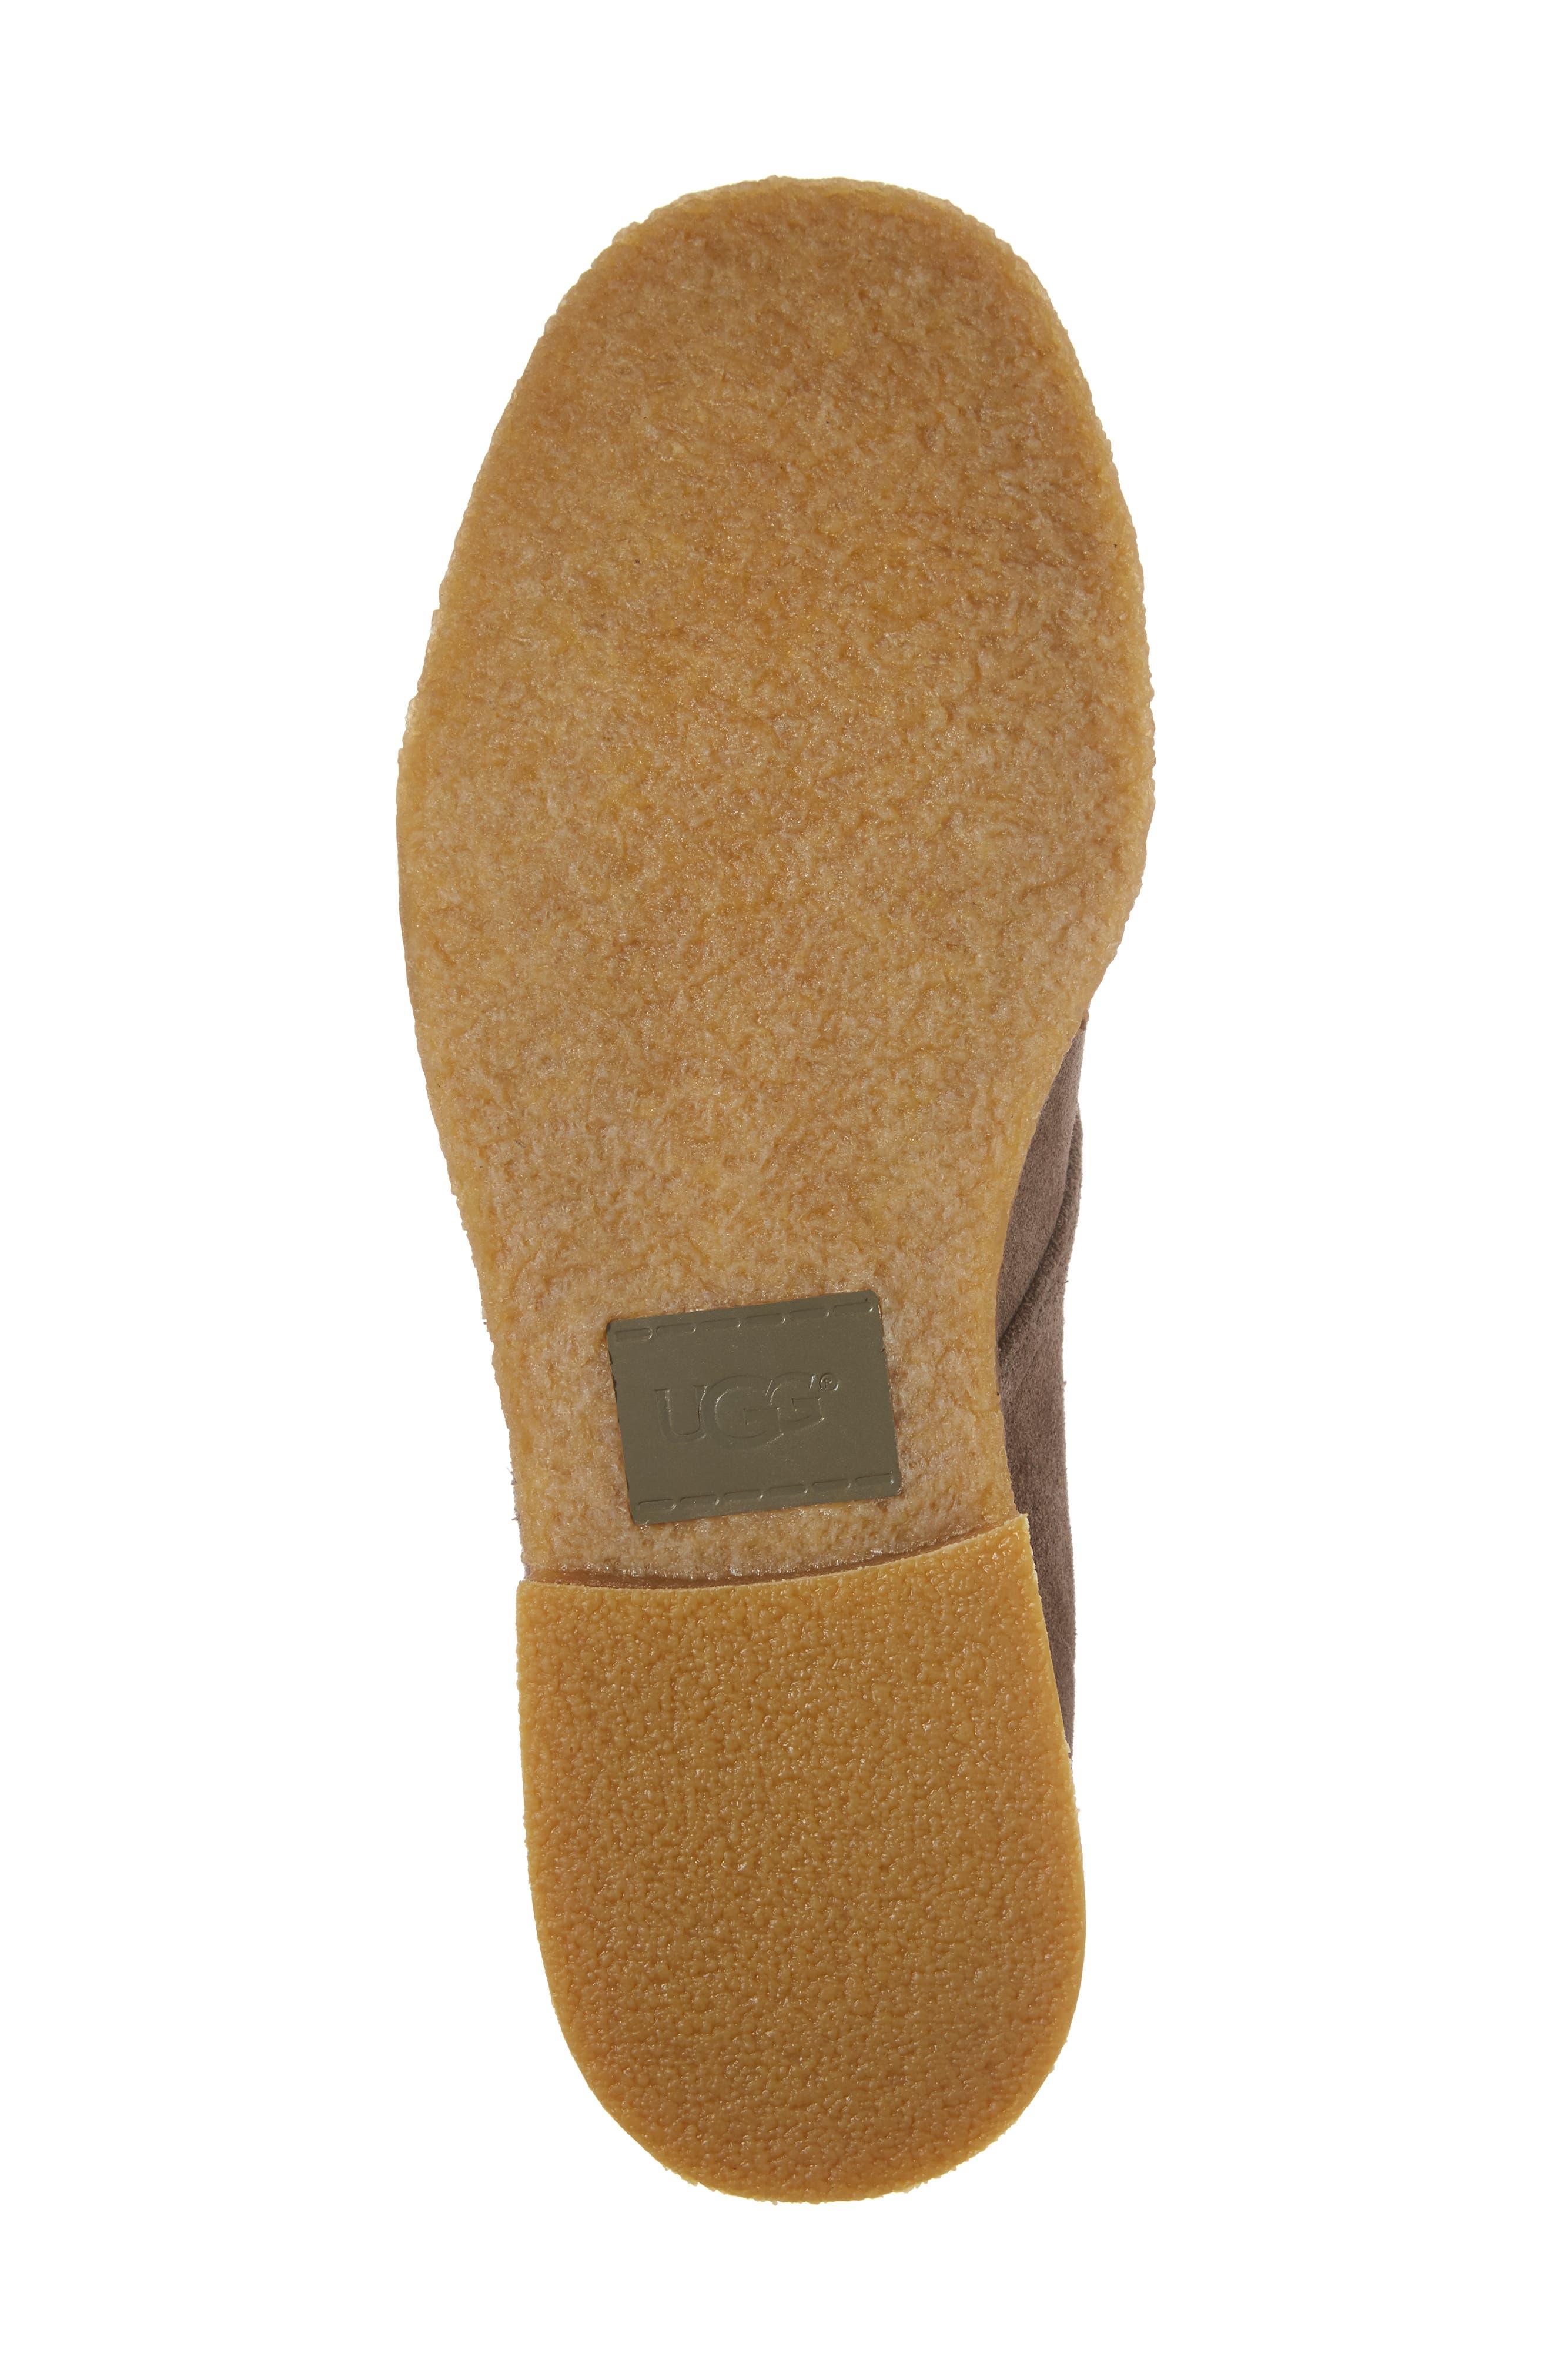 Leighton Chukka Waterproof Boot,                             Alternate thumbnail 6, color,                             023